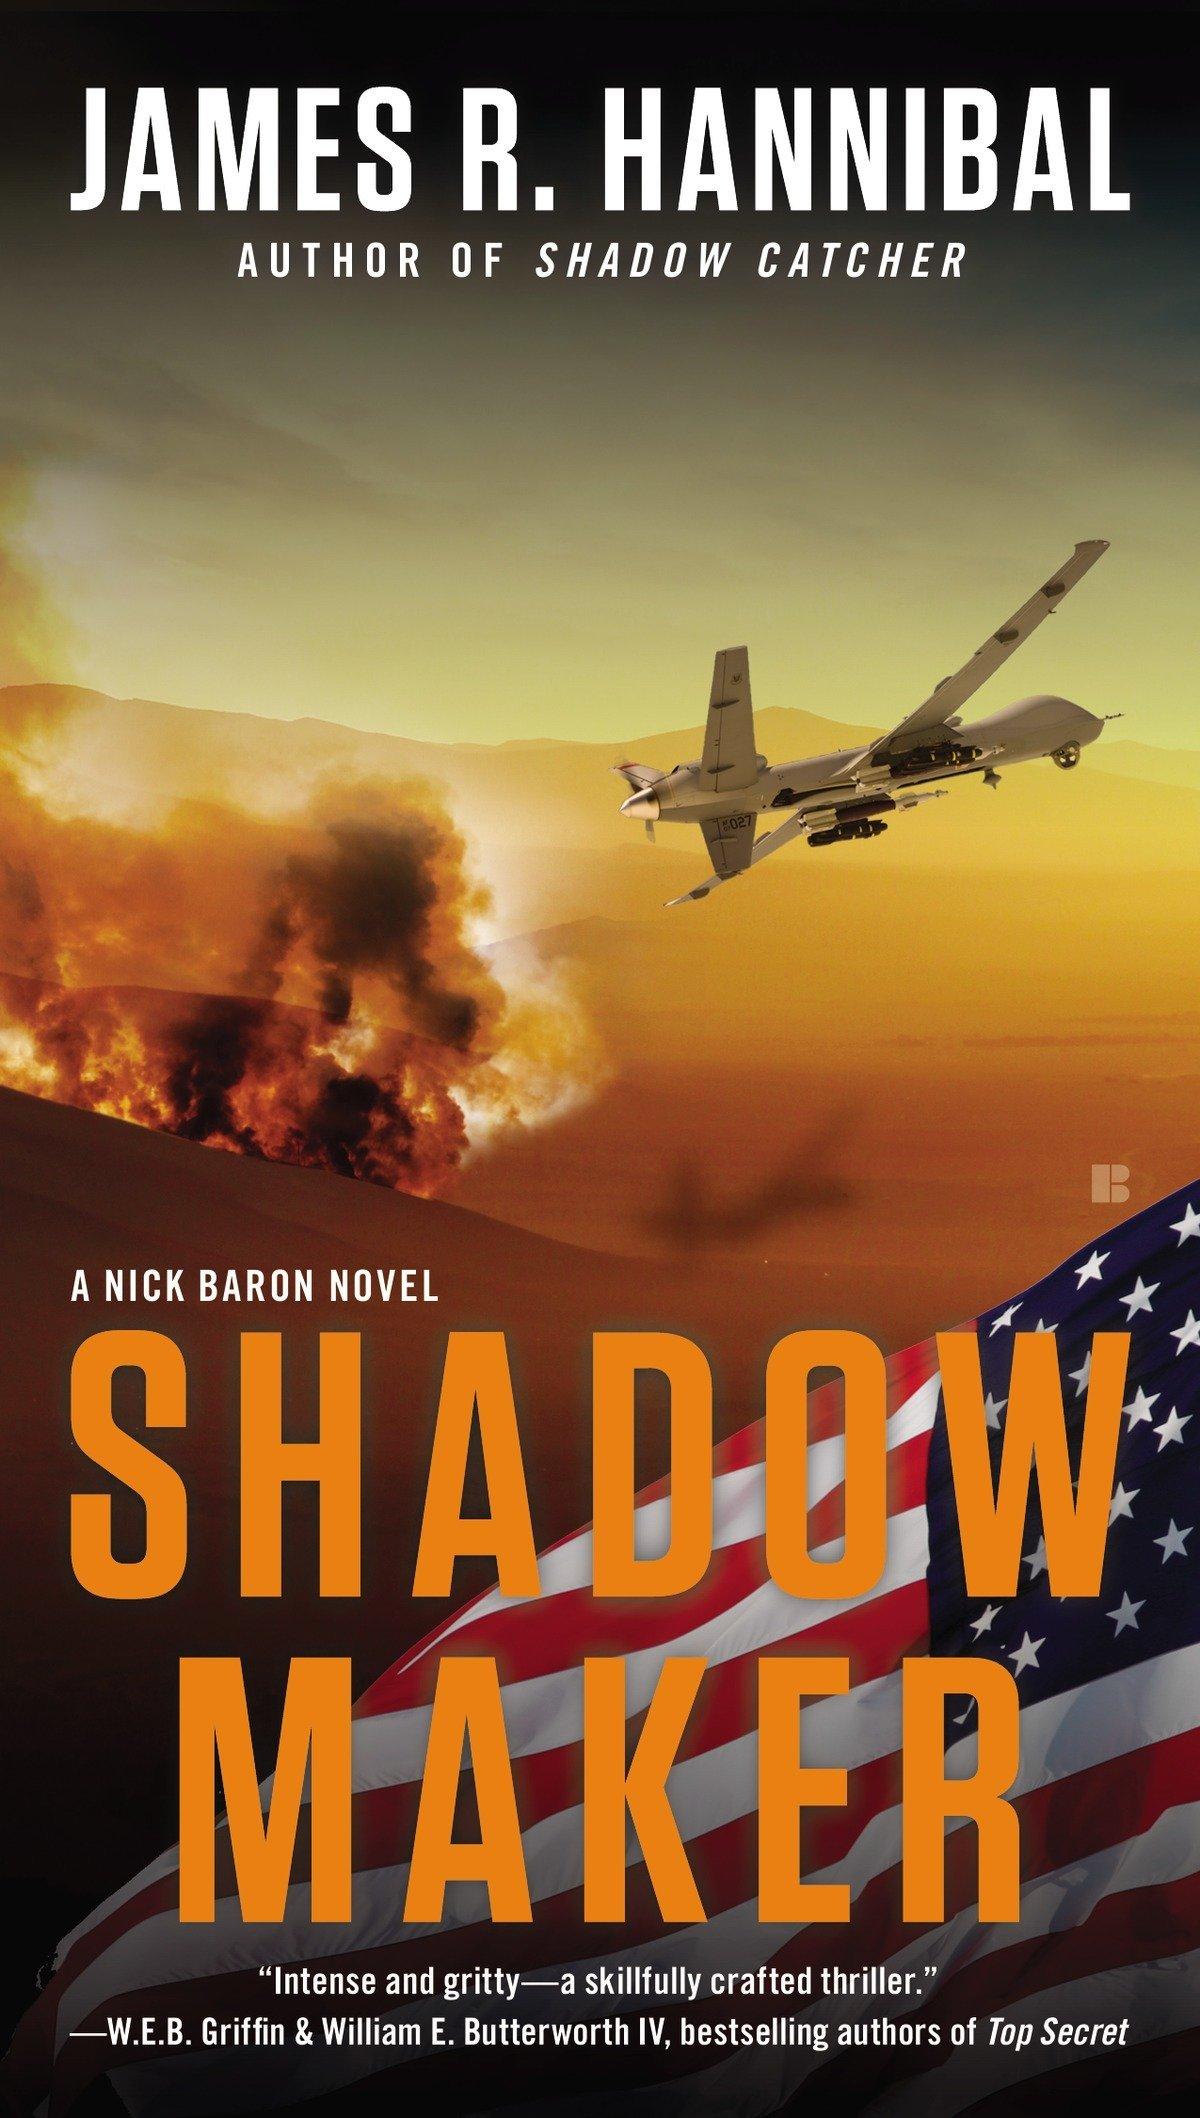 Amazon.com: Shadow Maker (Nick Baron Series) (9780425266908): James R.  Hannibal: Books